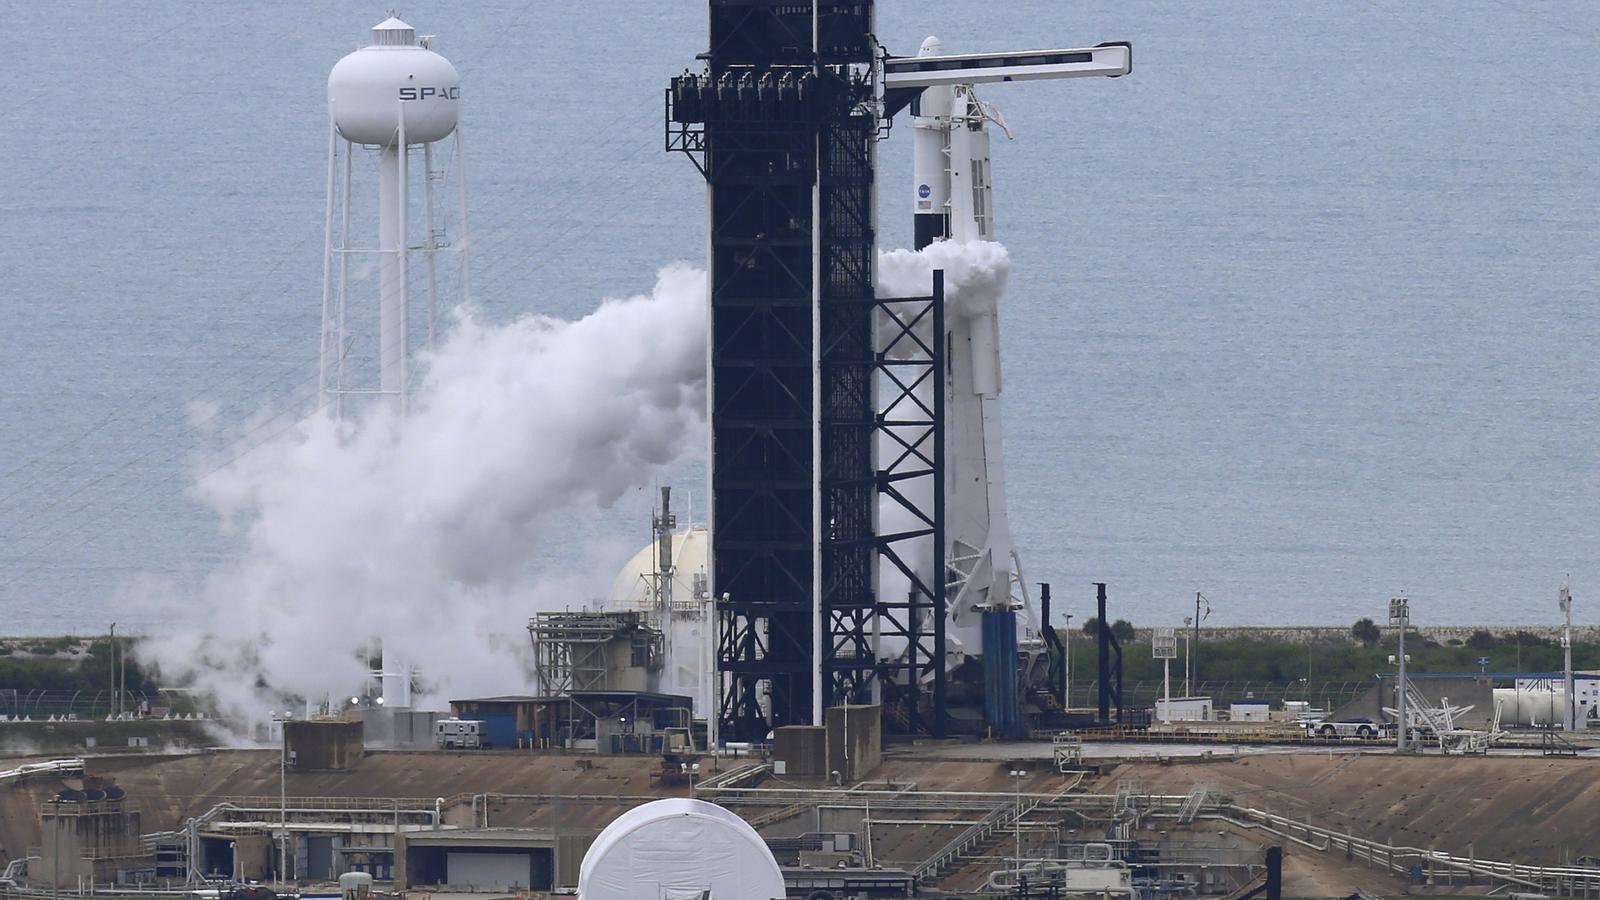 El mal temps ajorna la tornada a l'espai de la NASA a l'espai des de sòl nord-americà